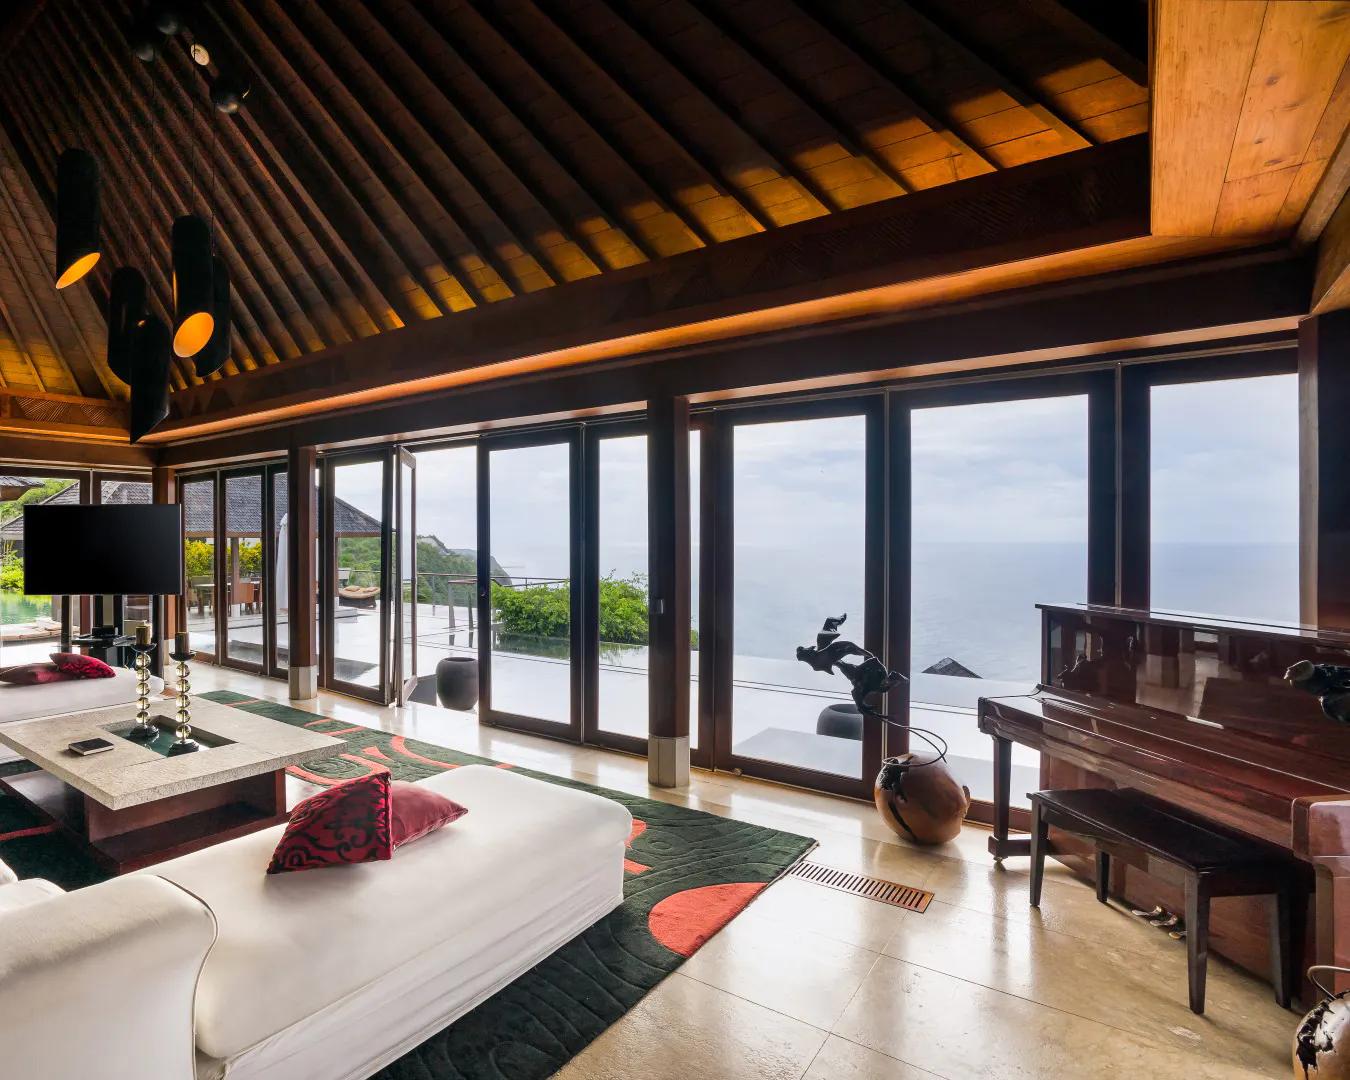 Chiêm ngưỡng thiết kế biệt thự với chất liệu chính là gỗ khá thân thiện và truyền thống